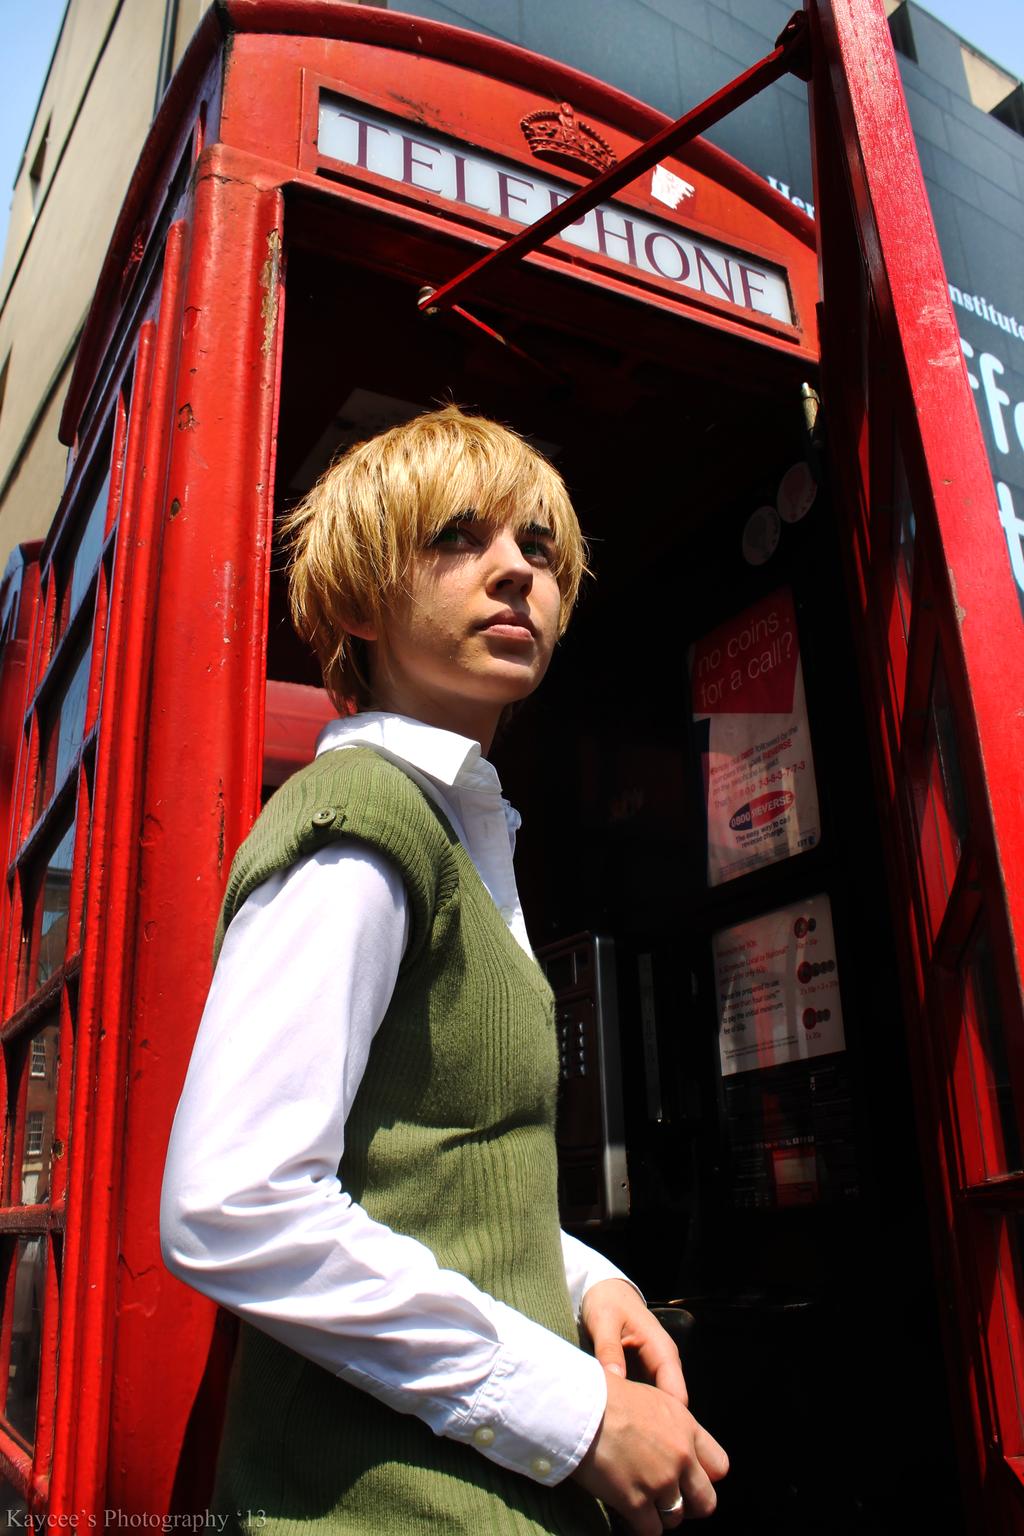 Summer in London by Kateliana